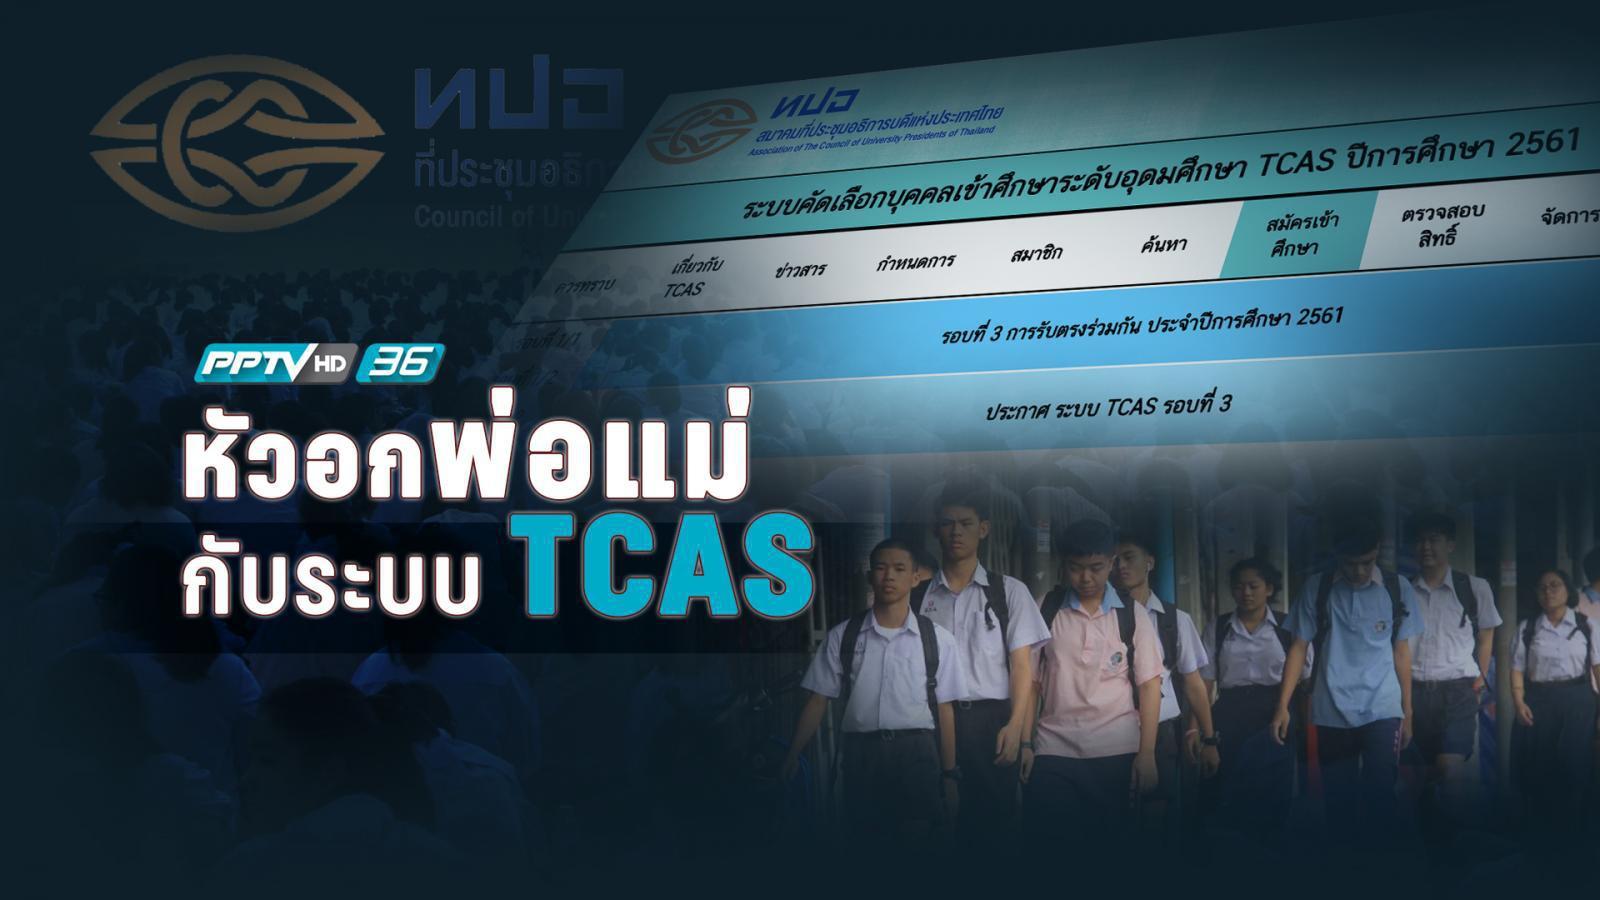 Dek61 บนความกดดัน กับระบบ TCAS สอบเข้ามหา'ลัย